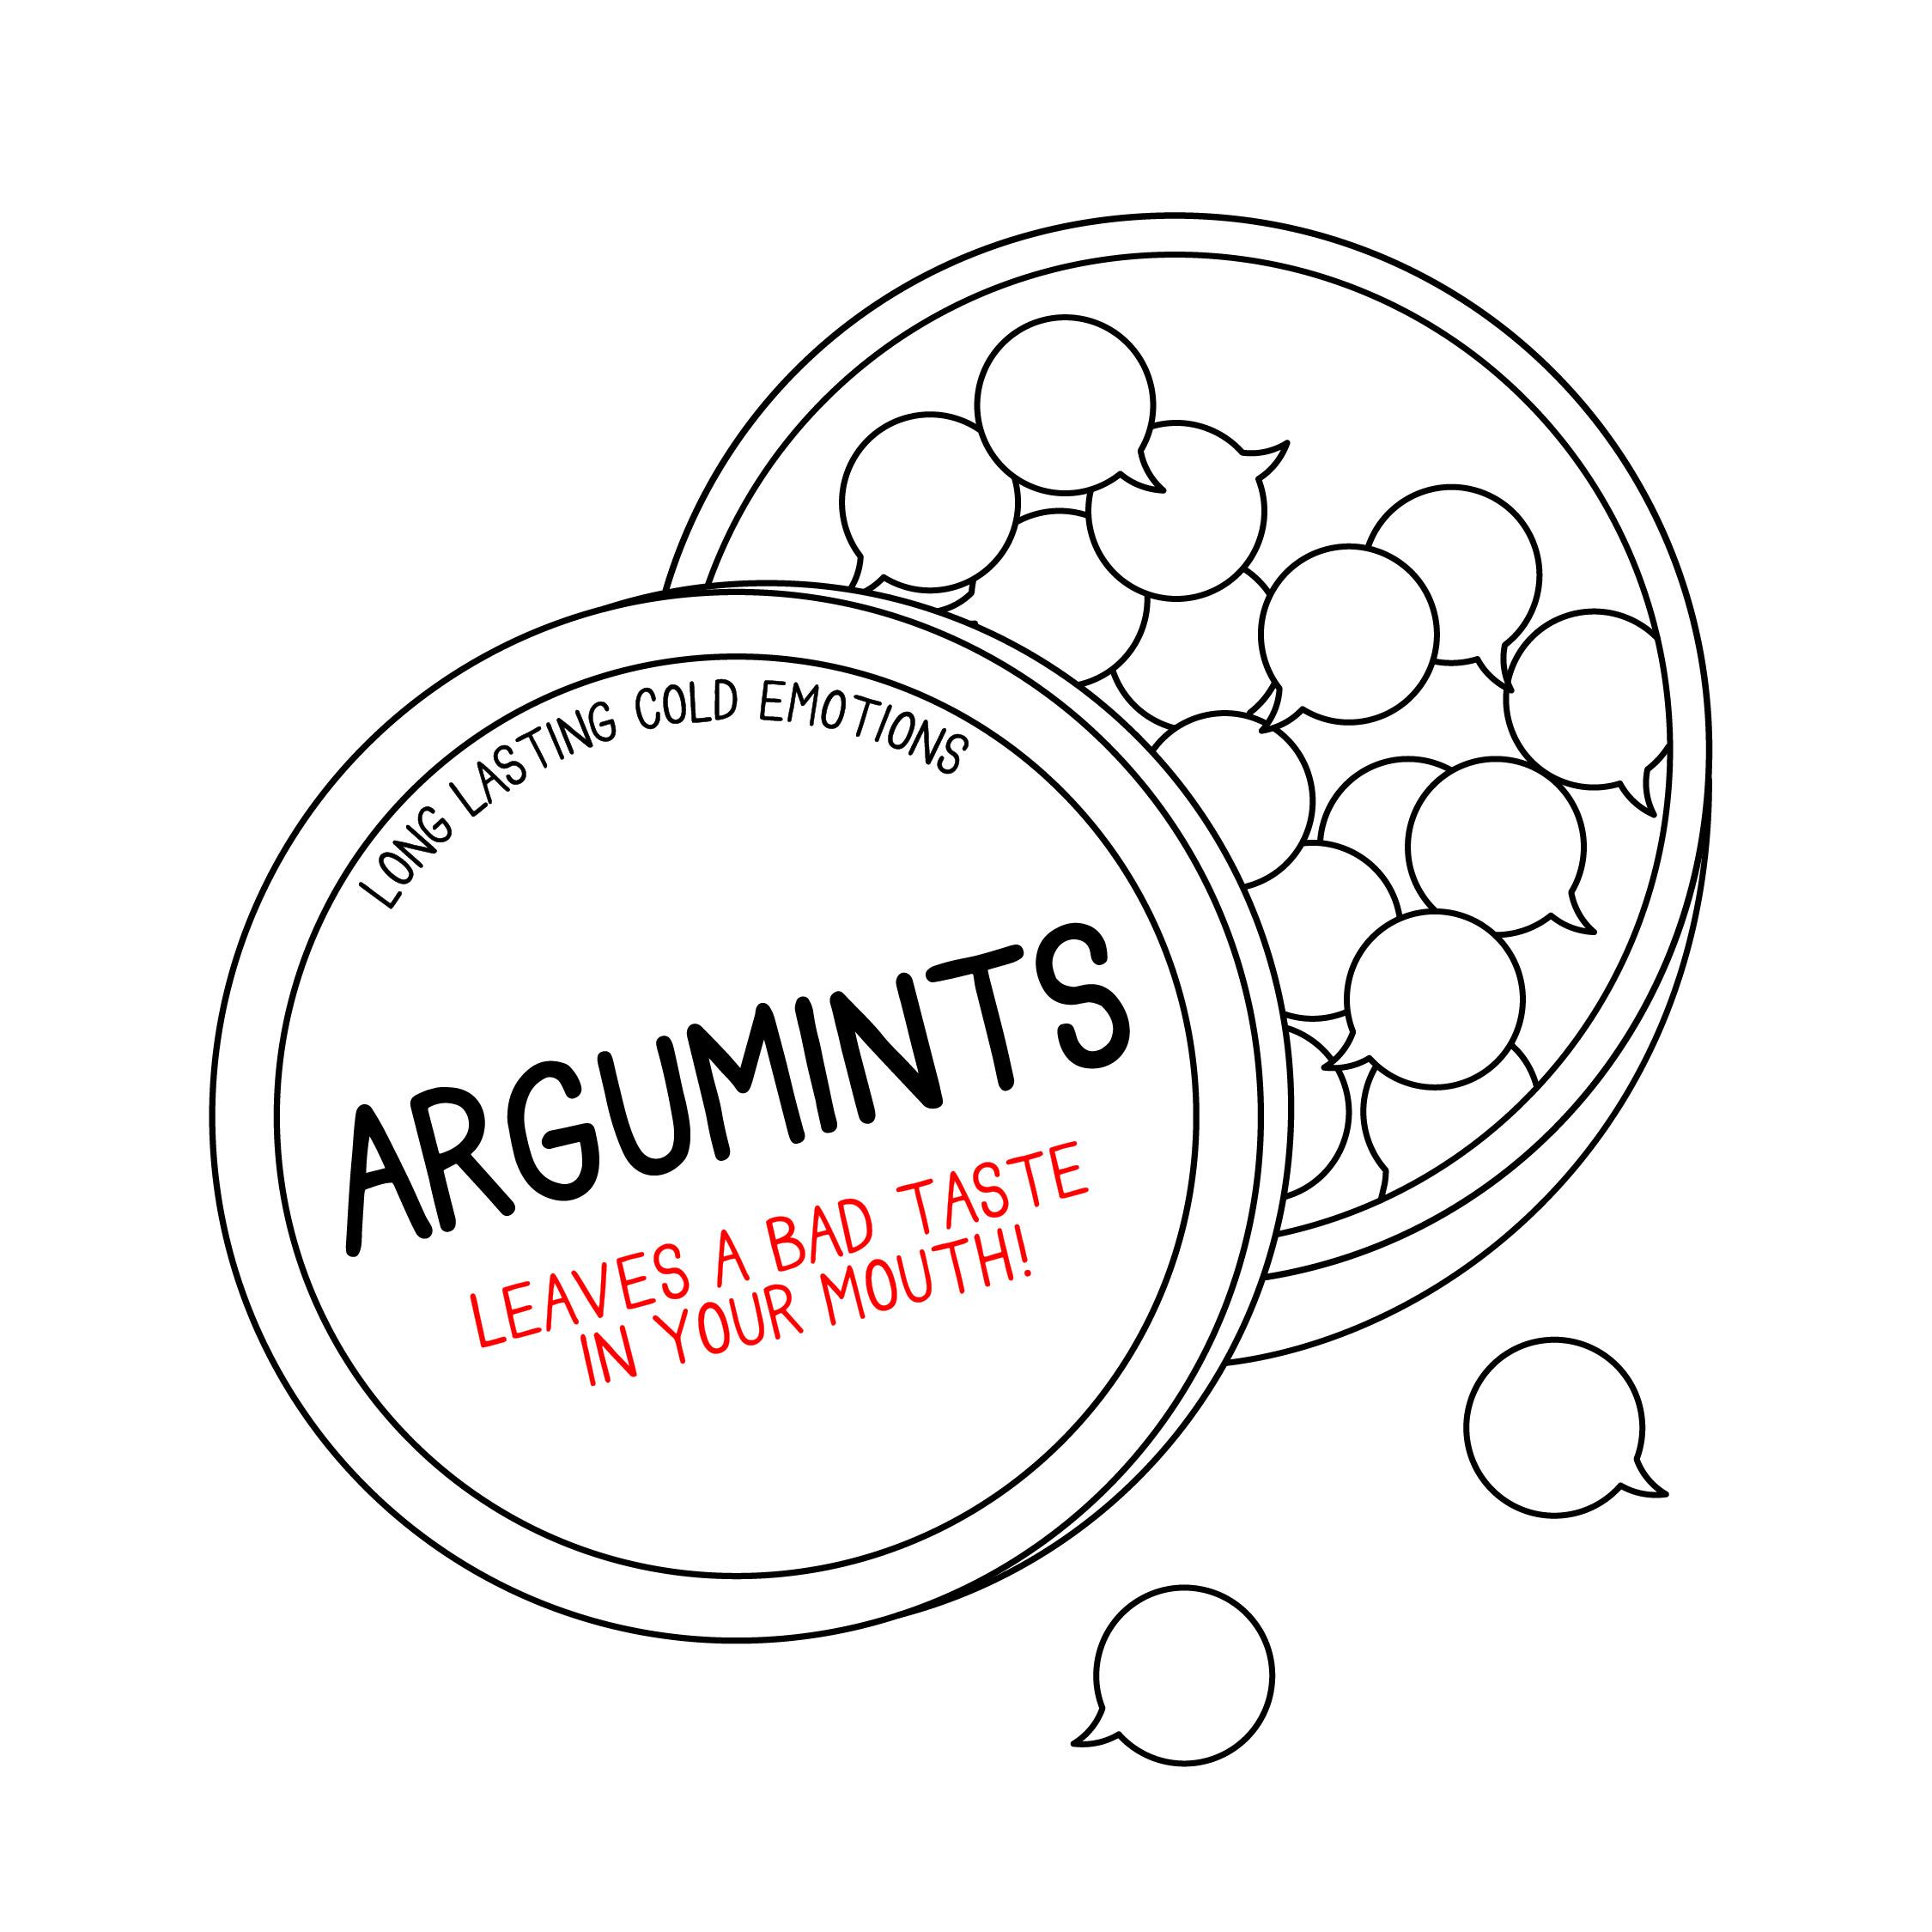 argumints-01.jpg